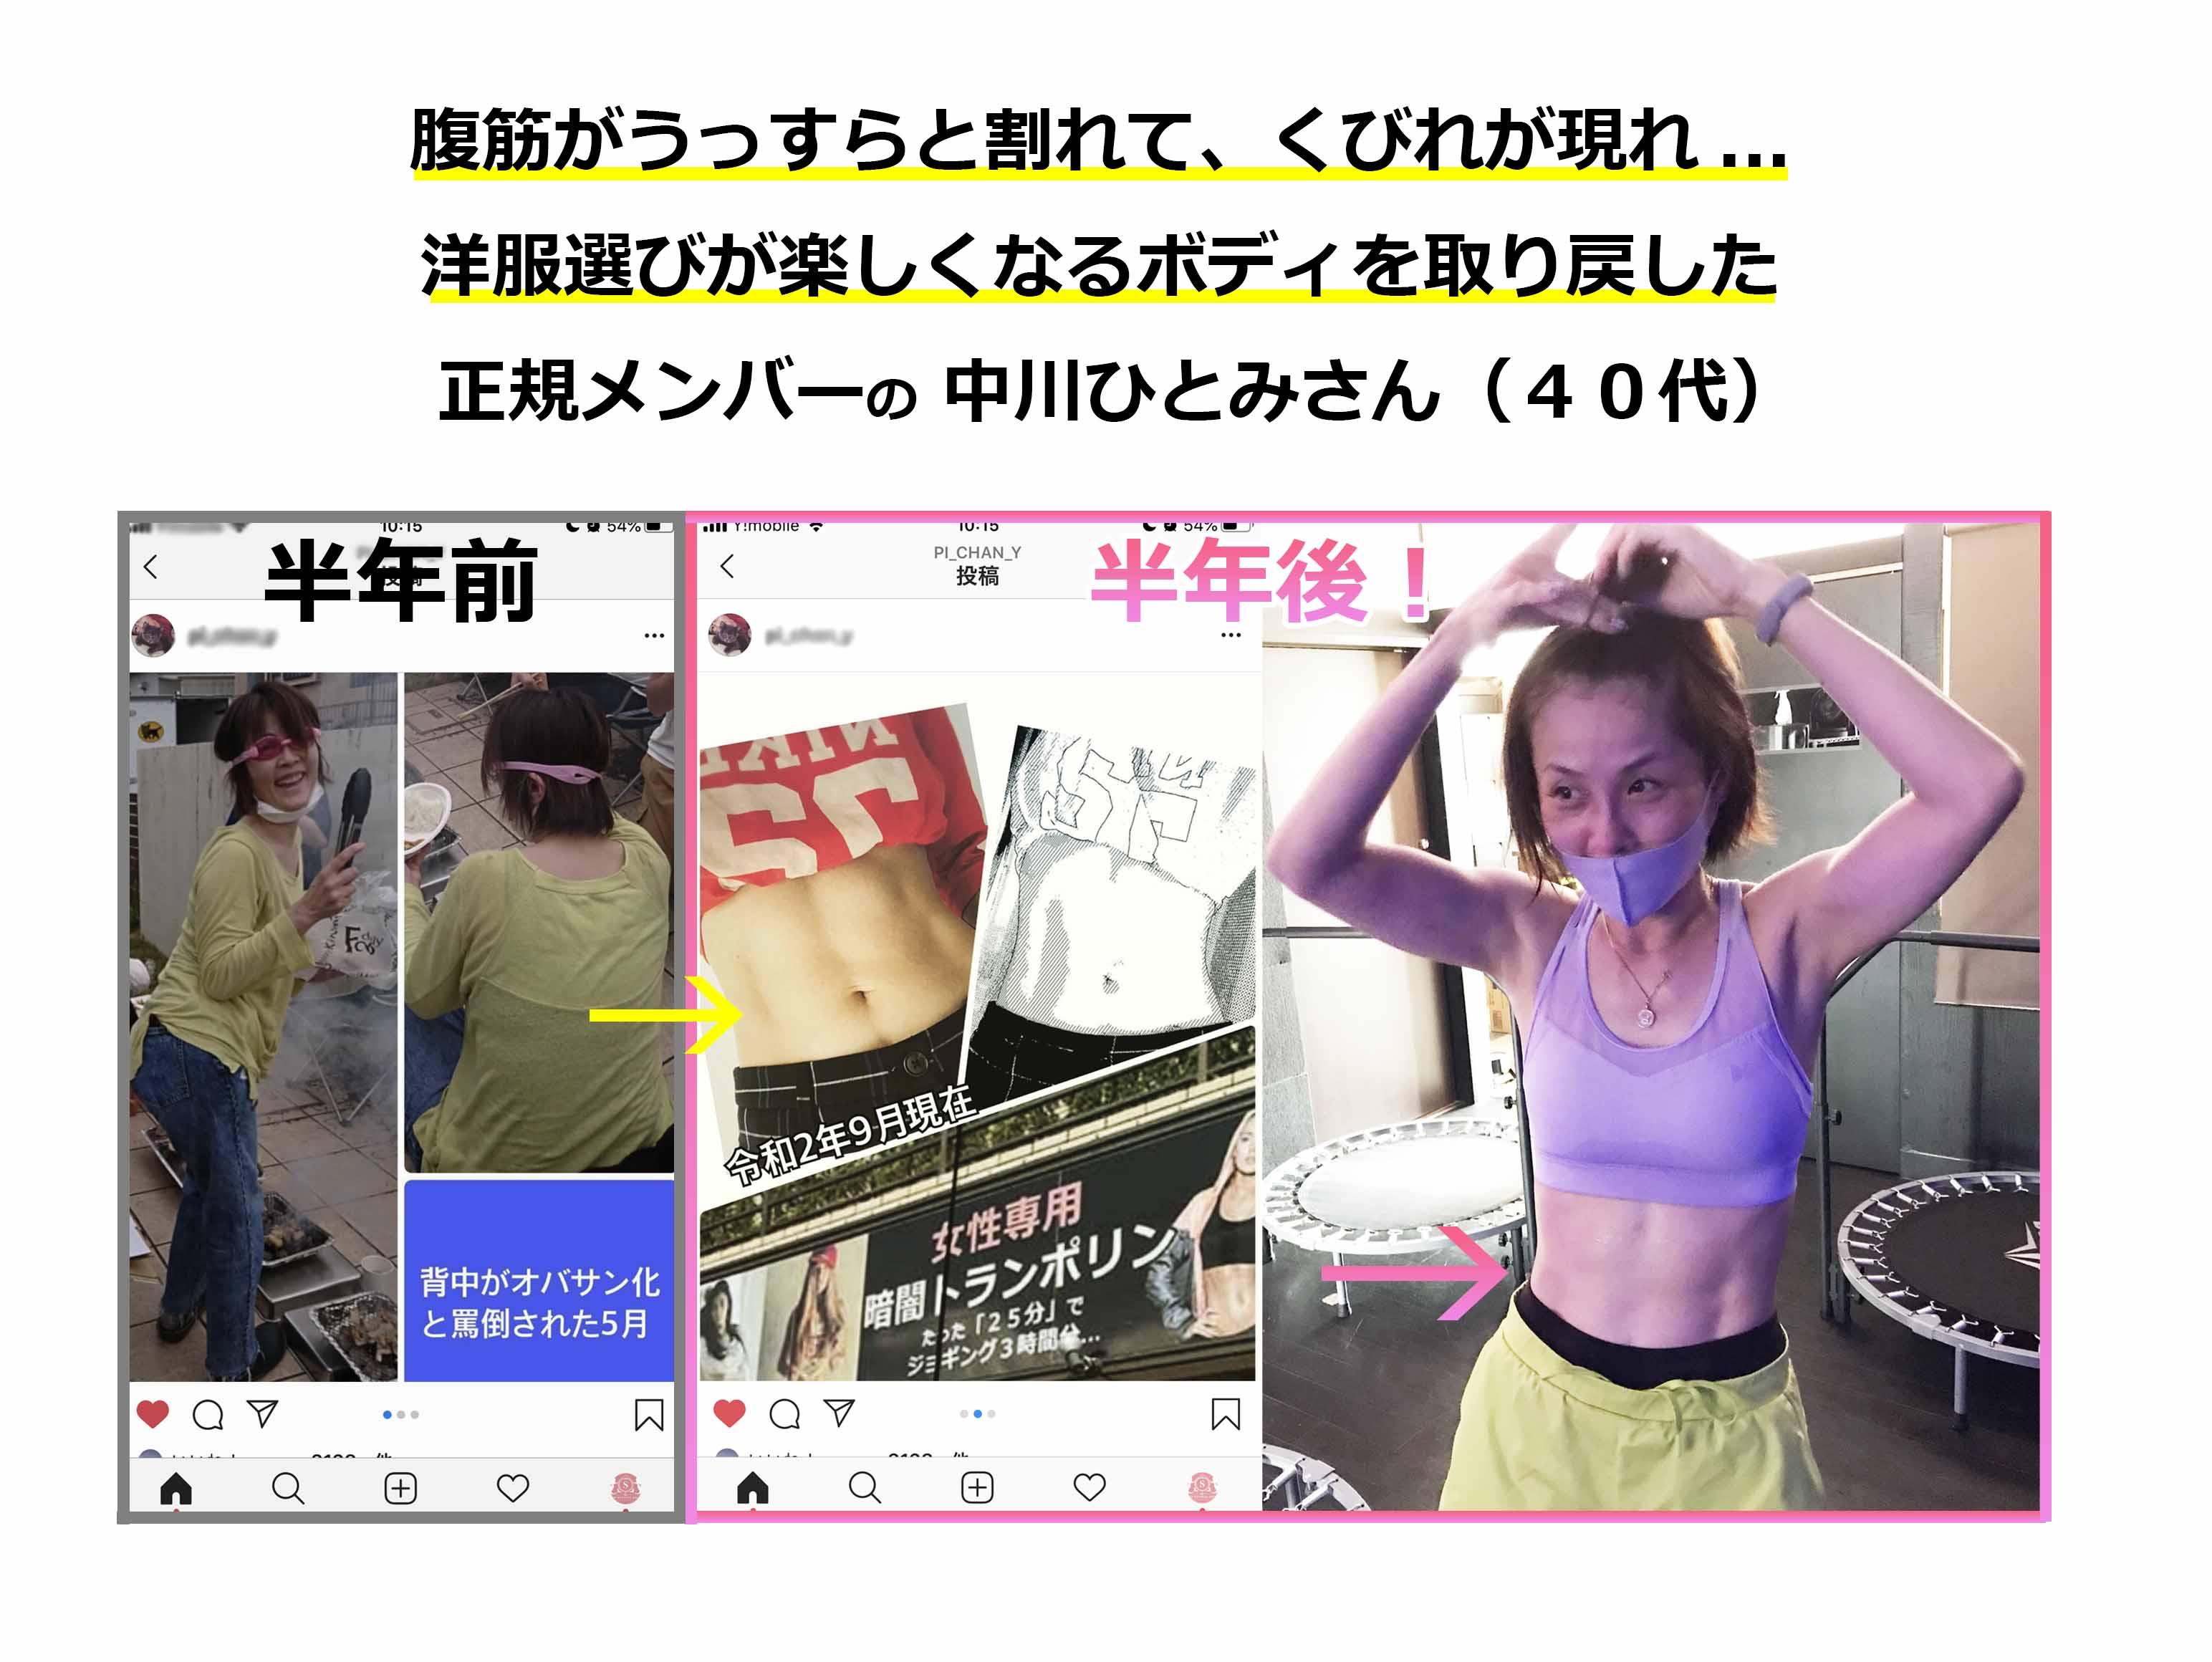 宮崎 暗闇フィットネス ジム トランポリン ダイエット 口コミ プロテイン ブログ お腹痩せ 下半身痩せ